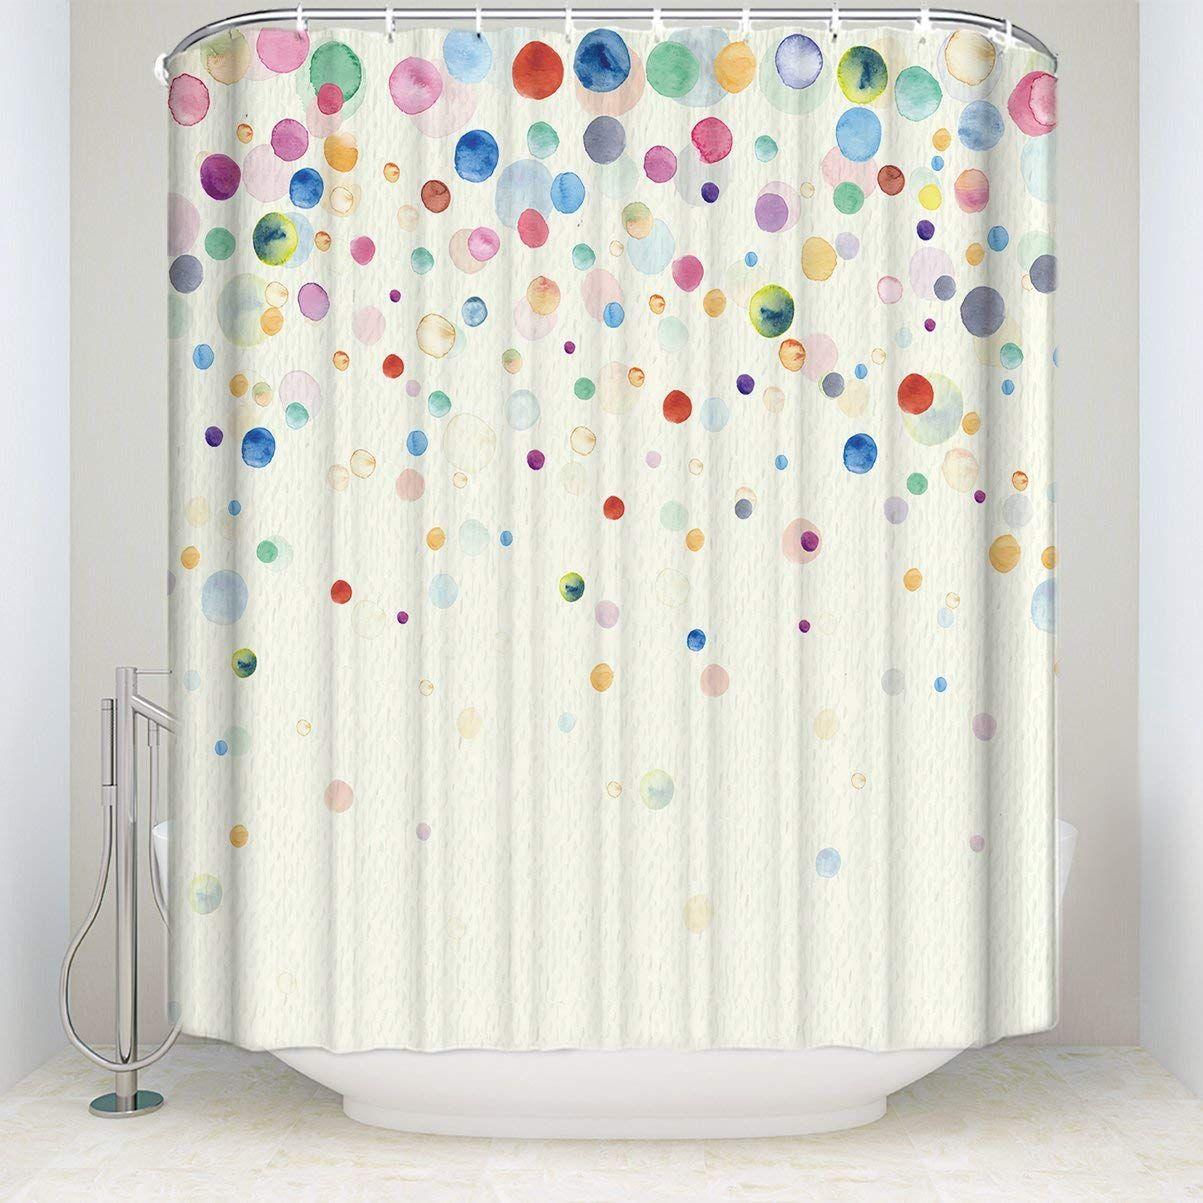 Amazon シャワーカーテン インテリア カーテン 装飾 かわいい泡 バス